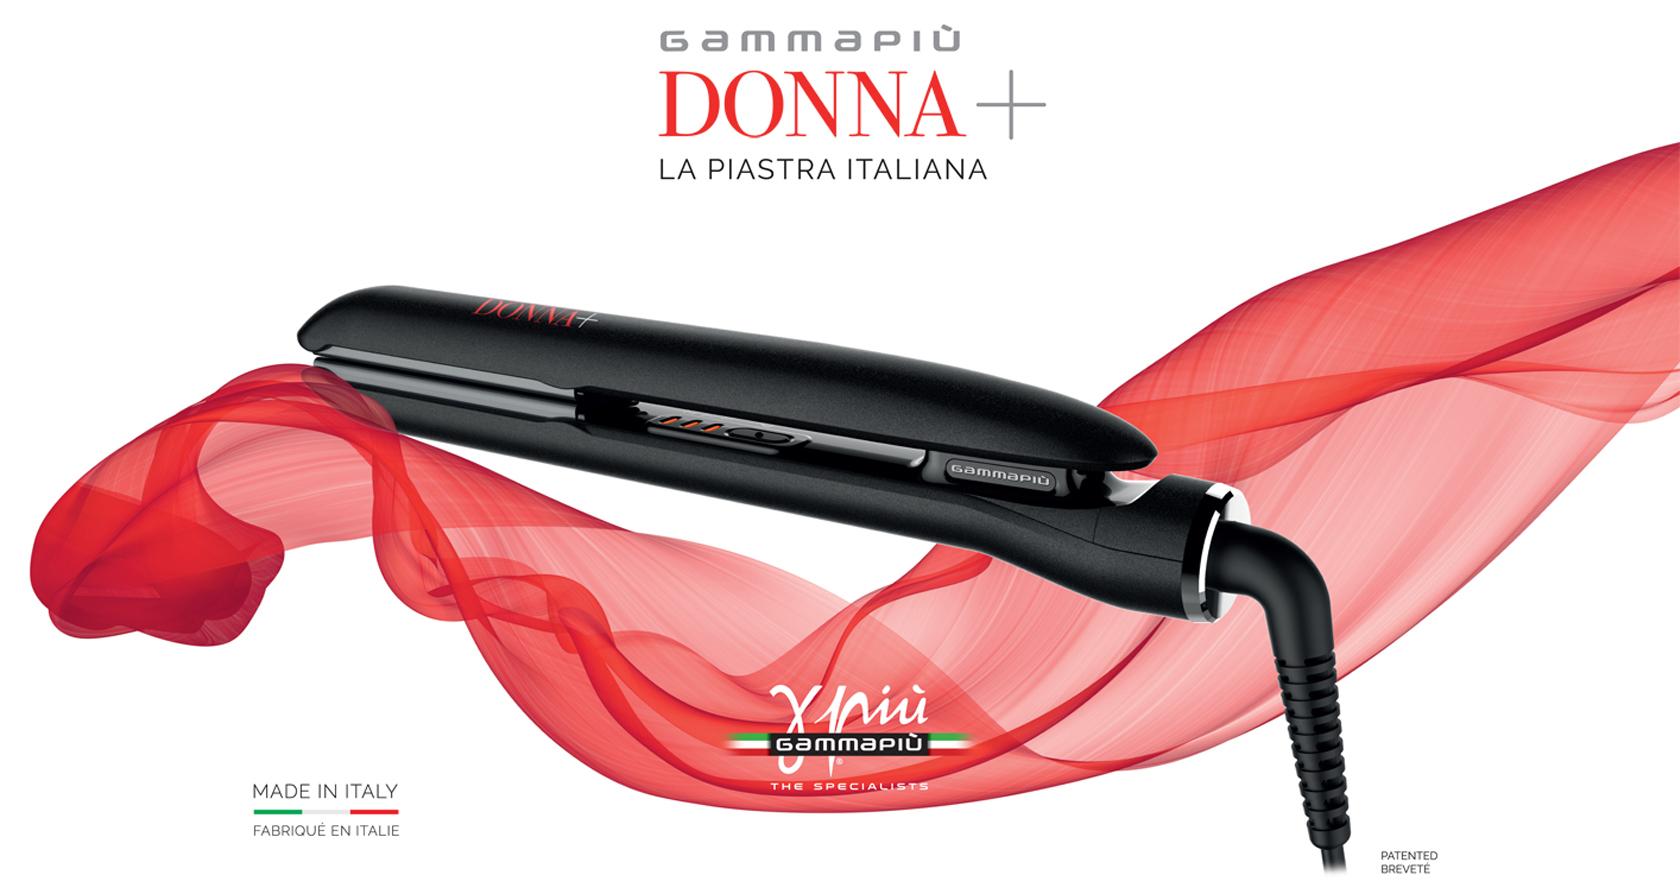 Piastra lisciante per capelli 100% made in Italy Donna Più di Gamma Più chiusa